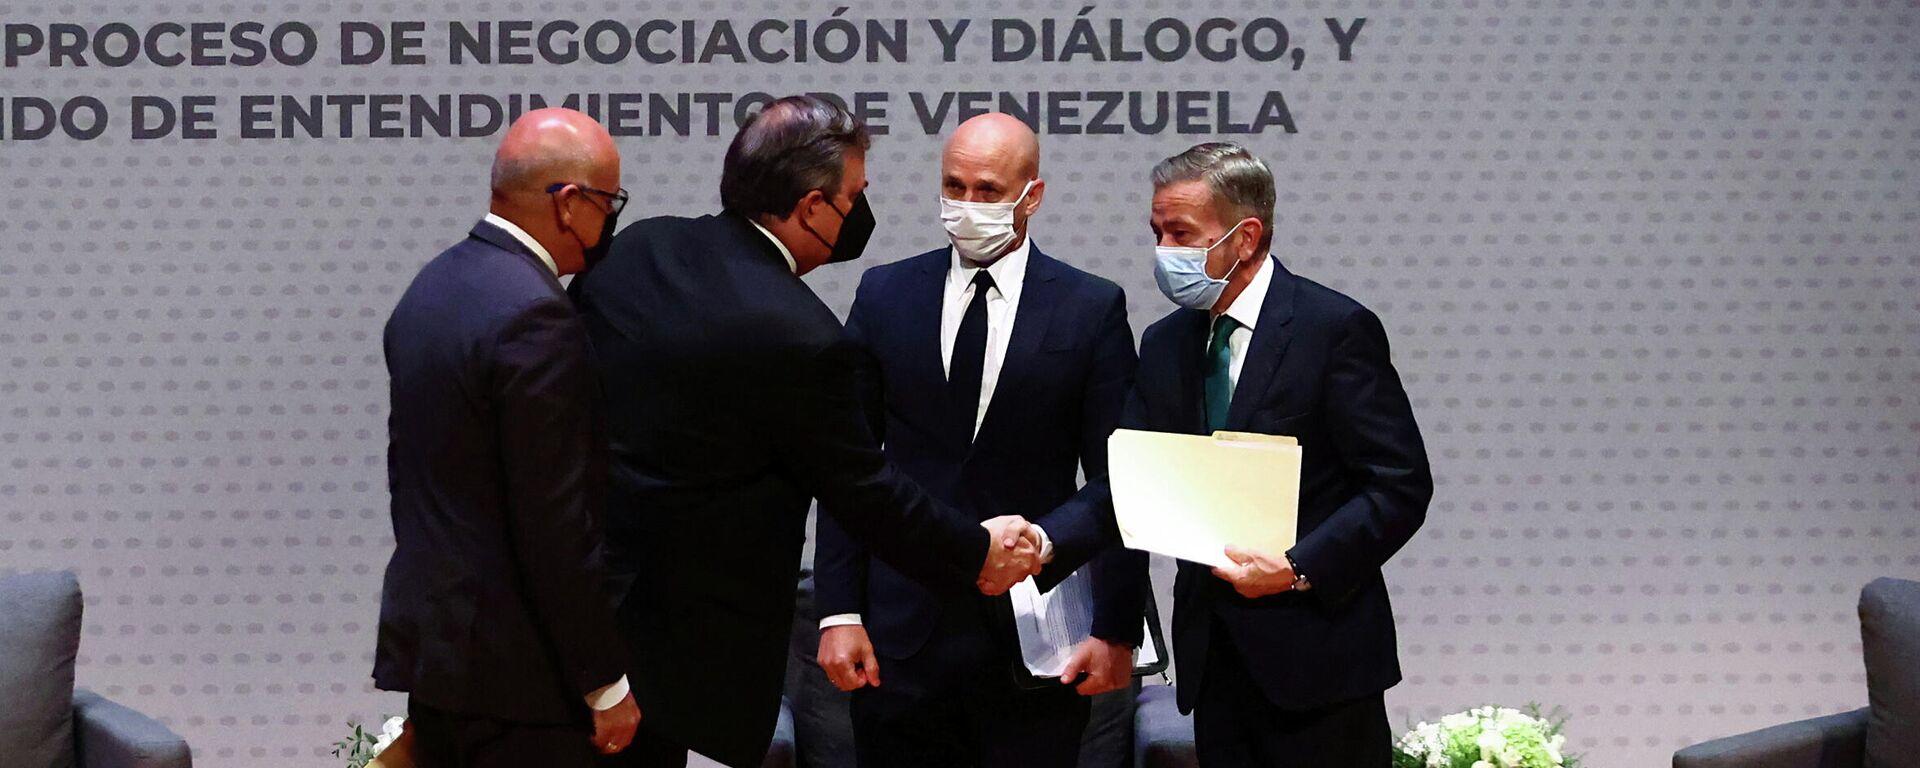 Representantes de Gobierno y oposición de Venezuela firman memorando de entendimiento - Sputnik Mundo, 1920, 23.08.2021